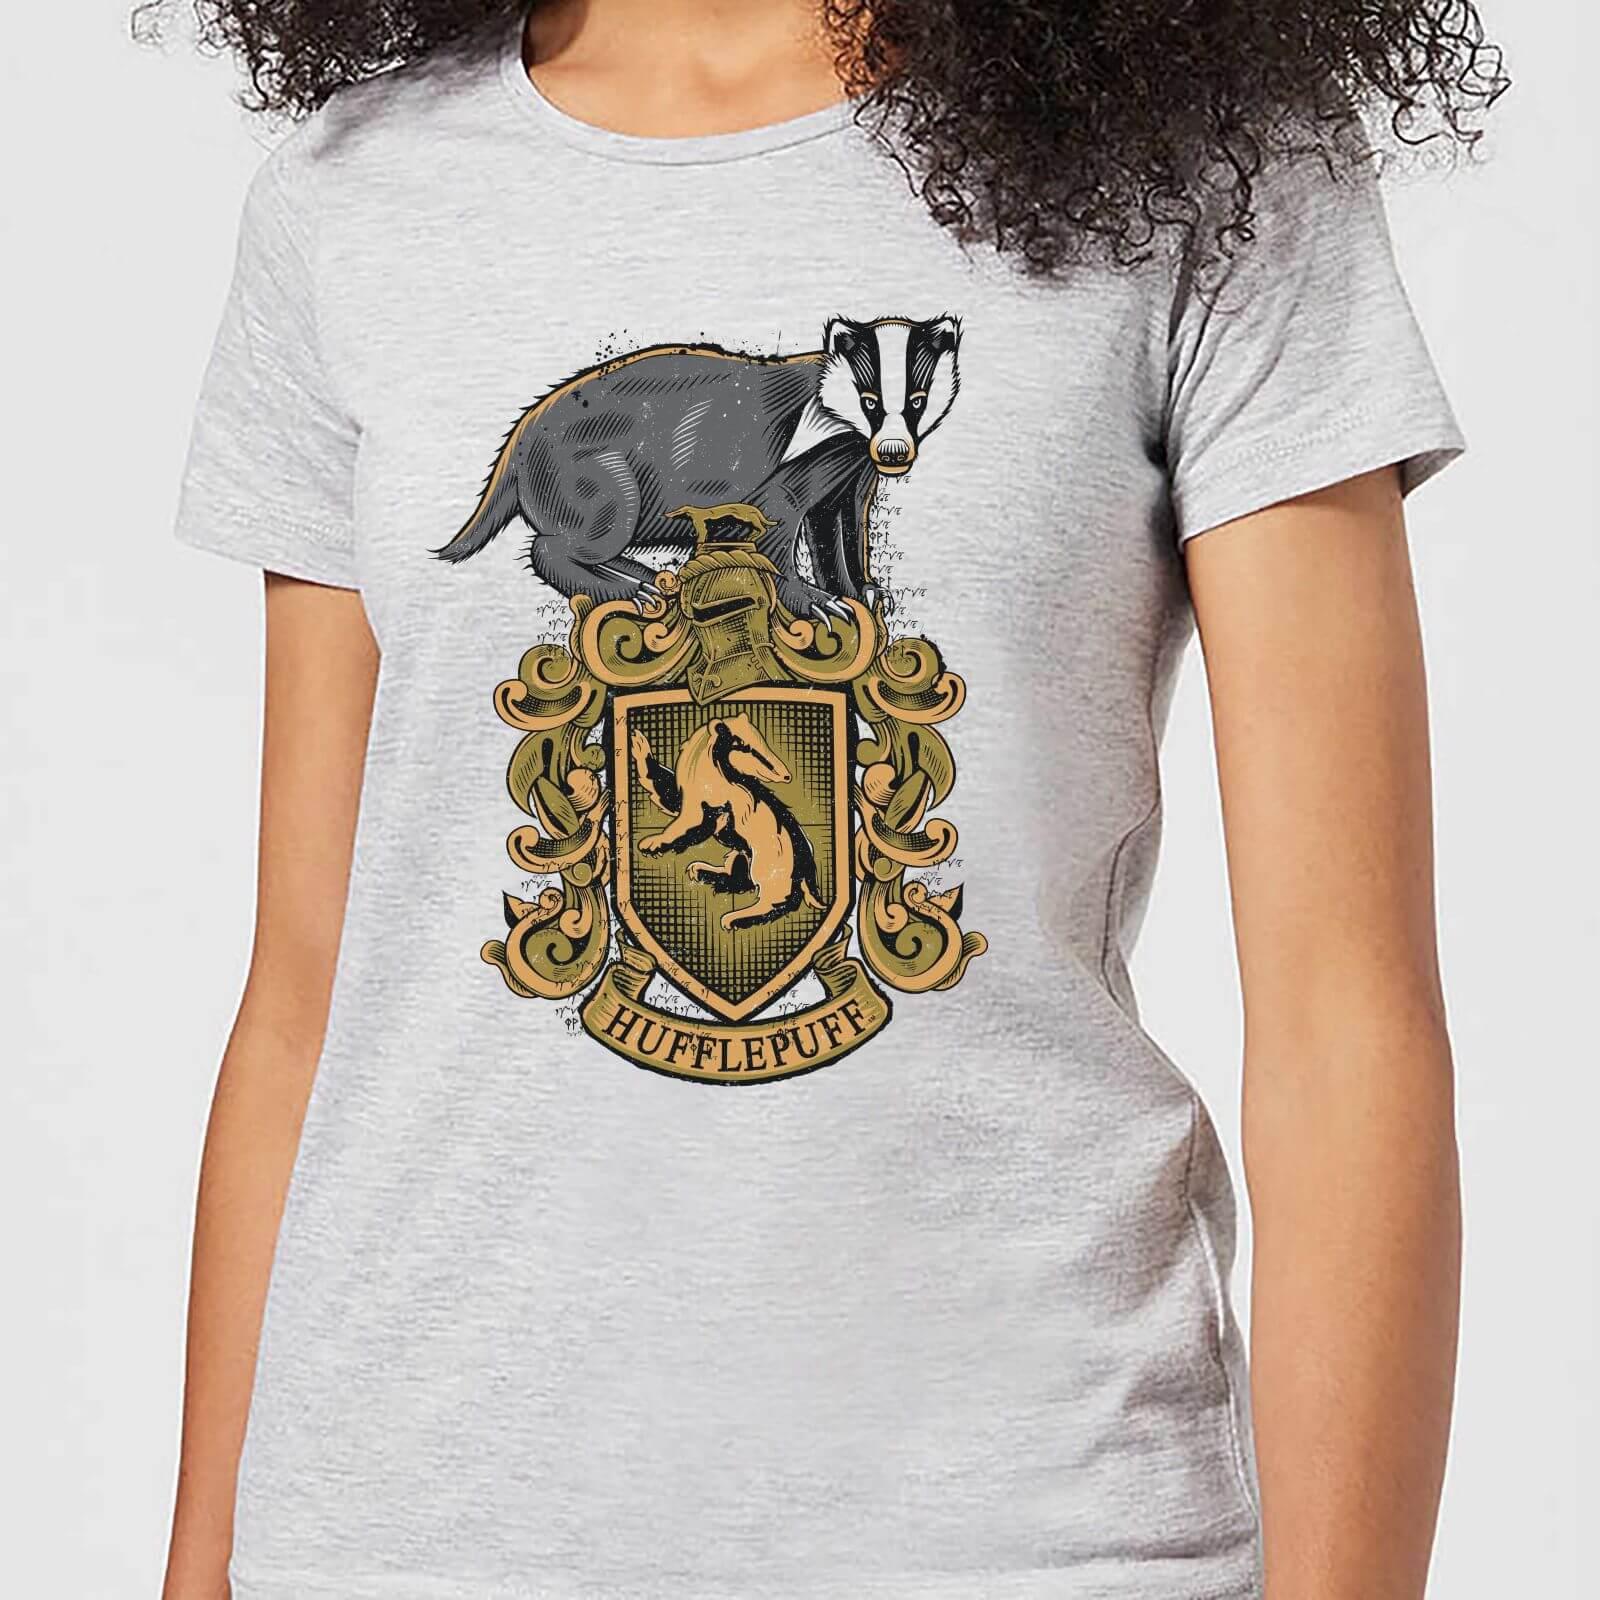 NEW /& OFFICIAL Harry Potter /'Hufflepuff/' T-Shirt